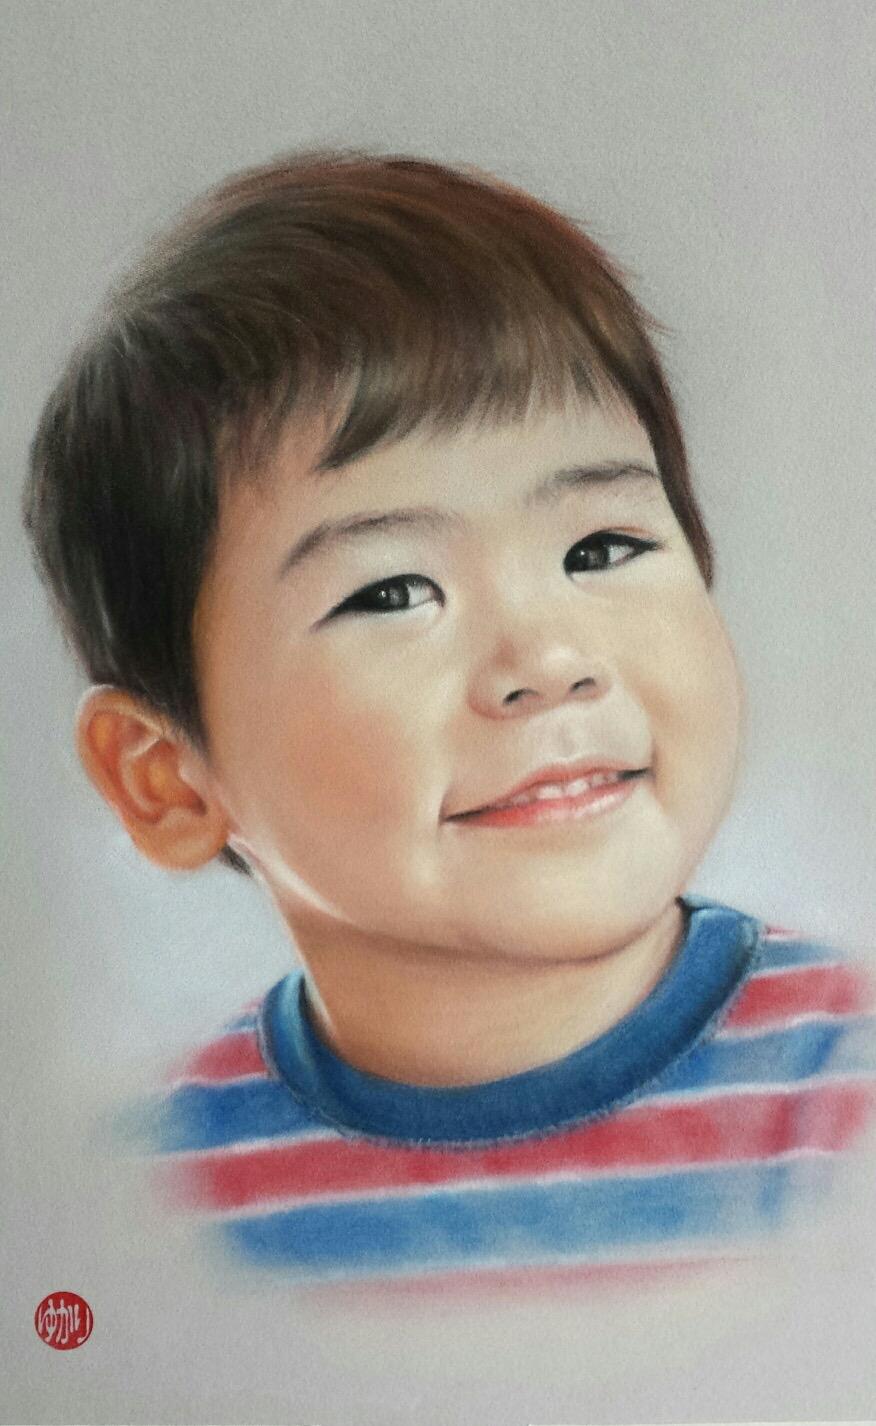 Eddie-He's-Growing-Up-by-Yukari-Esldon